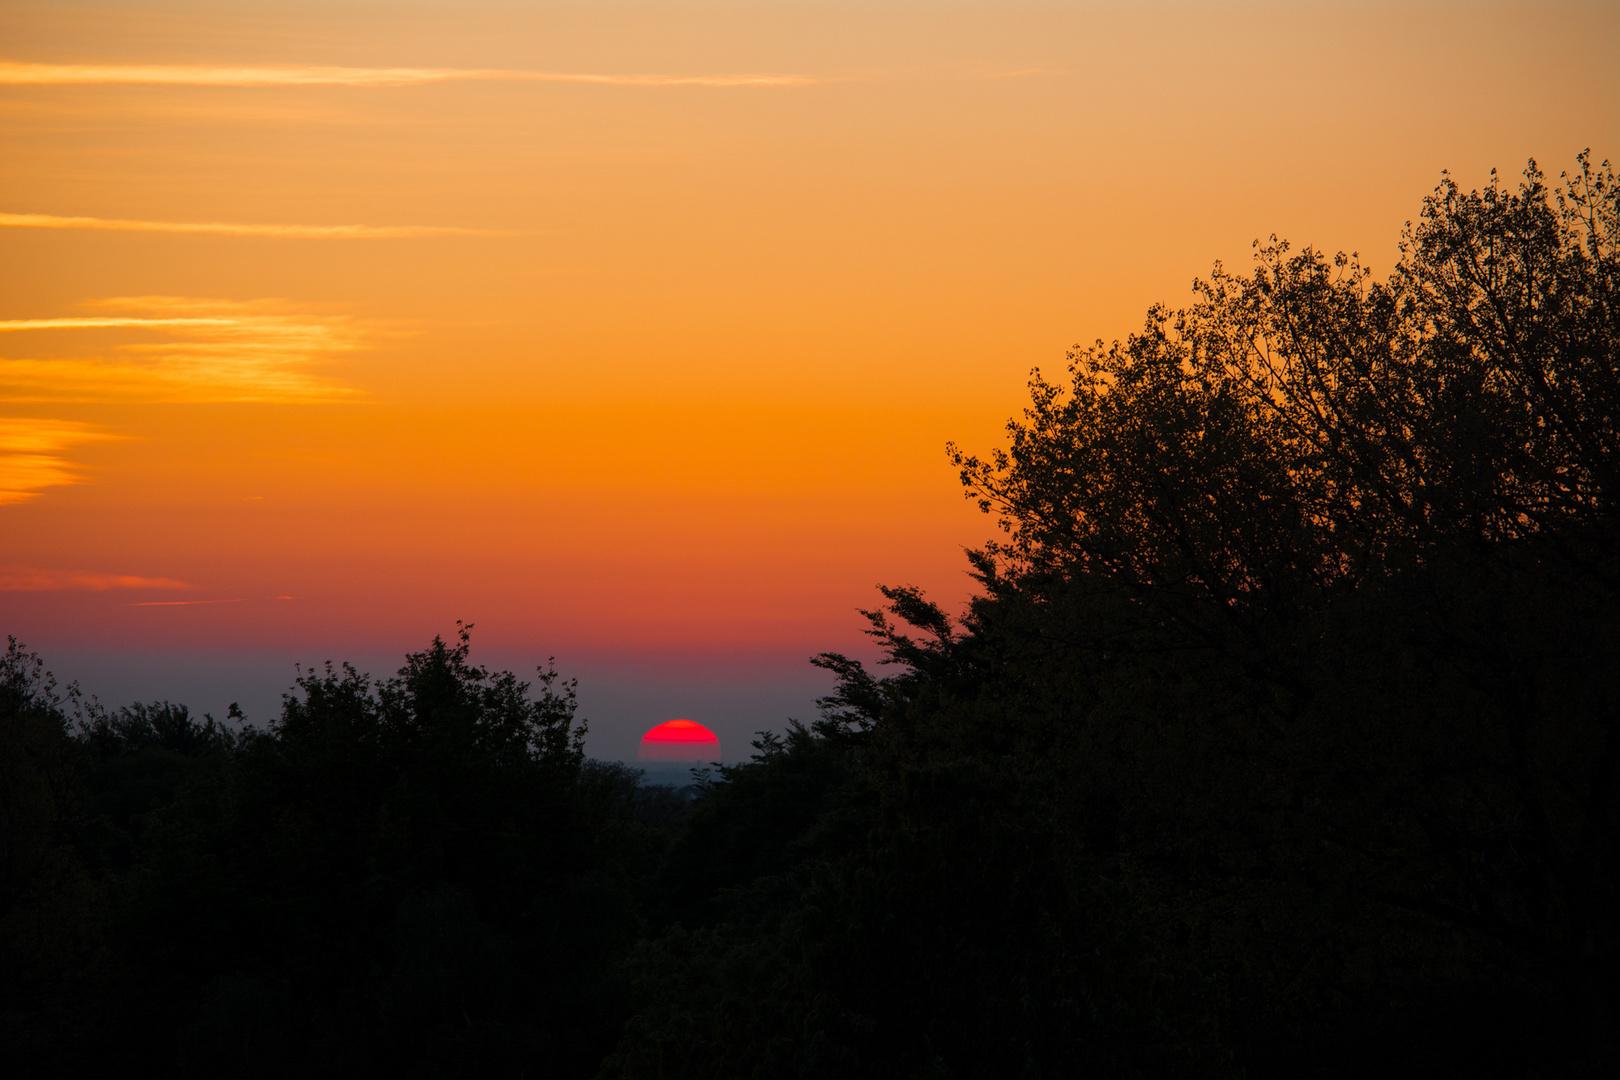 Sonnenuntergang auf´m Berg die 2 te